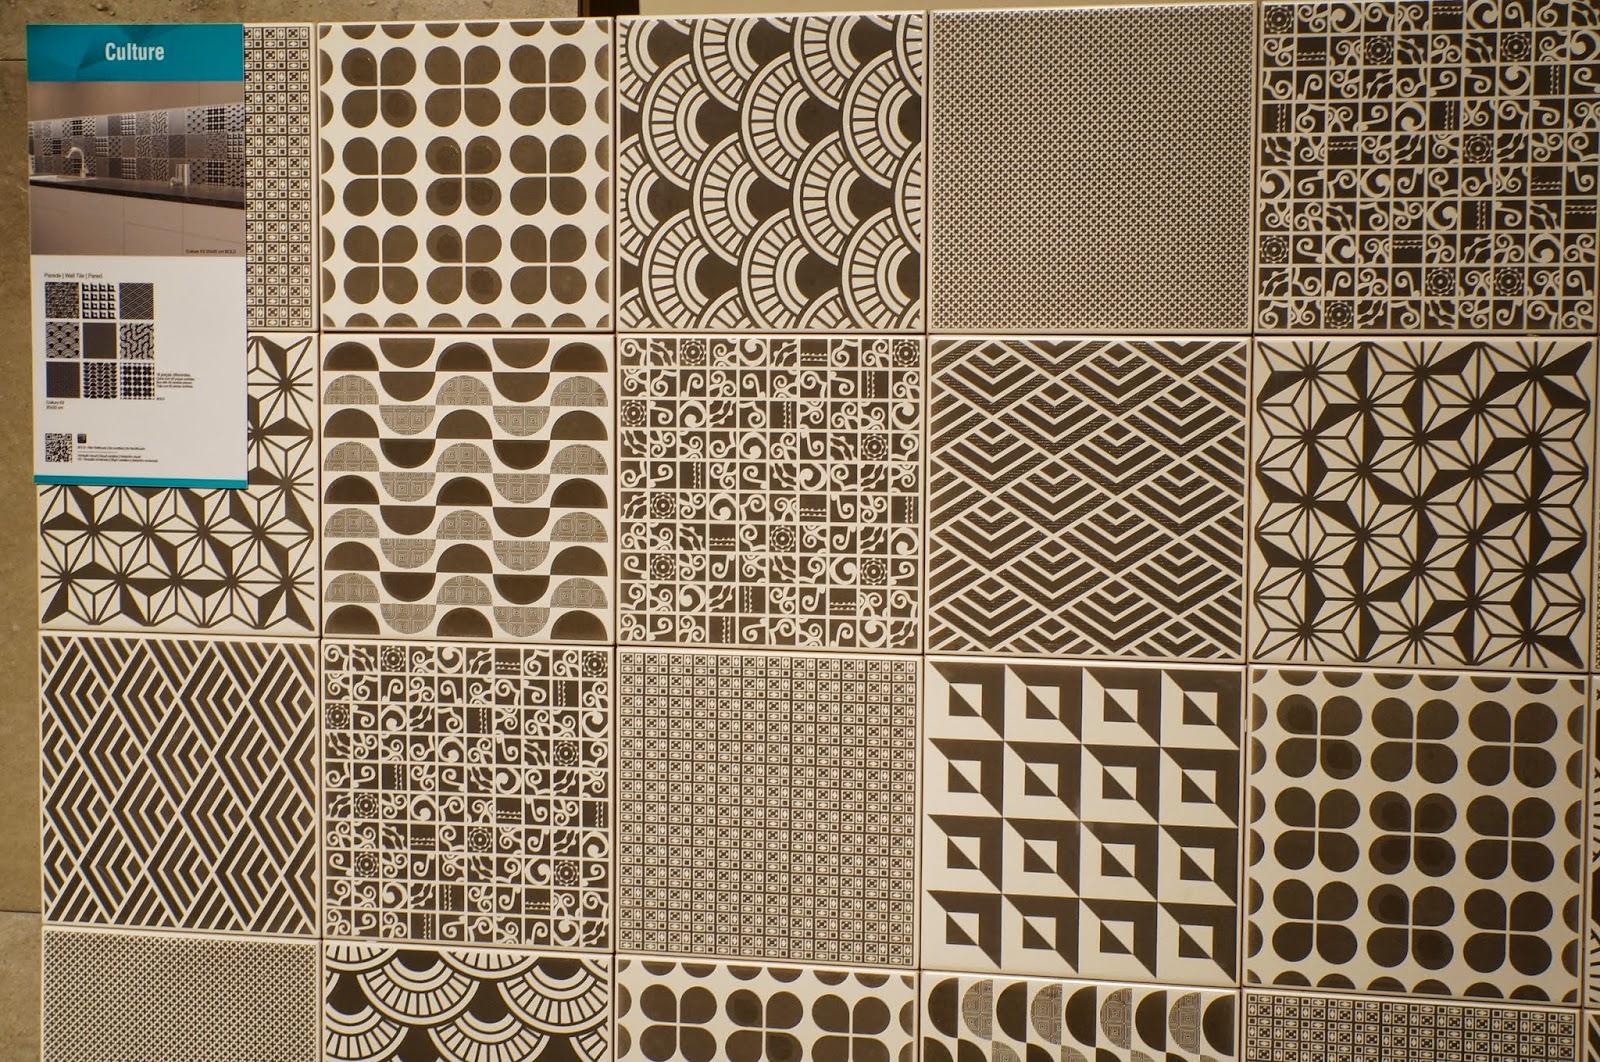 azulejos da linha Culture - lançamentos 2015 da Cerâmica Portinari